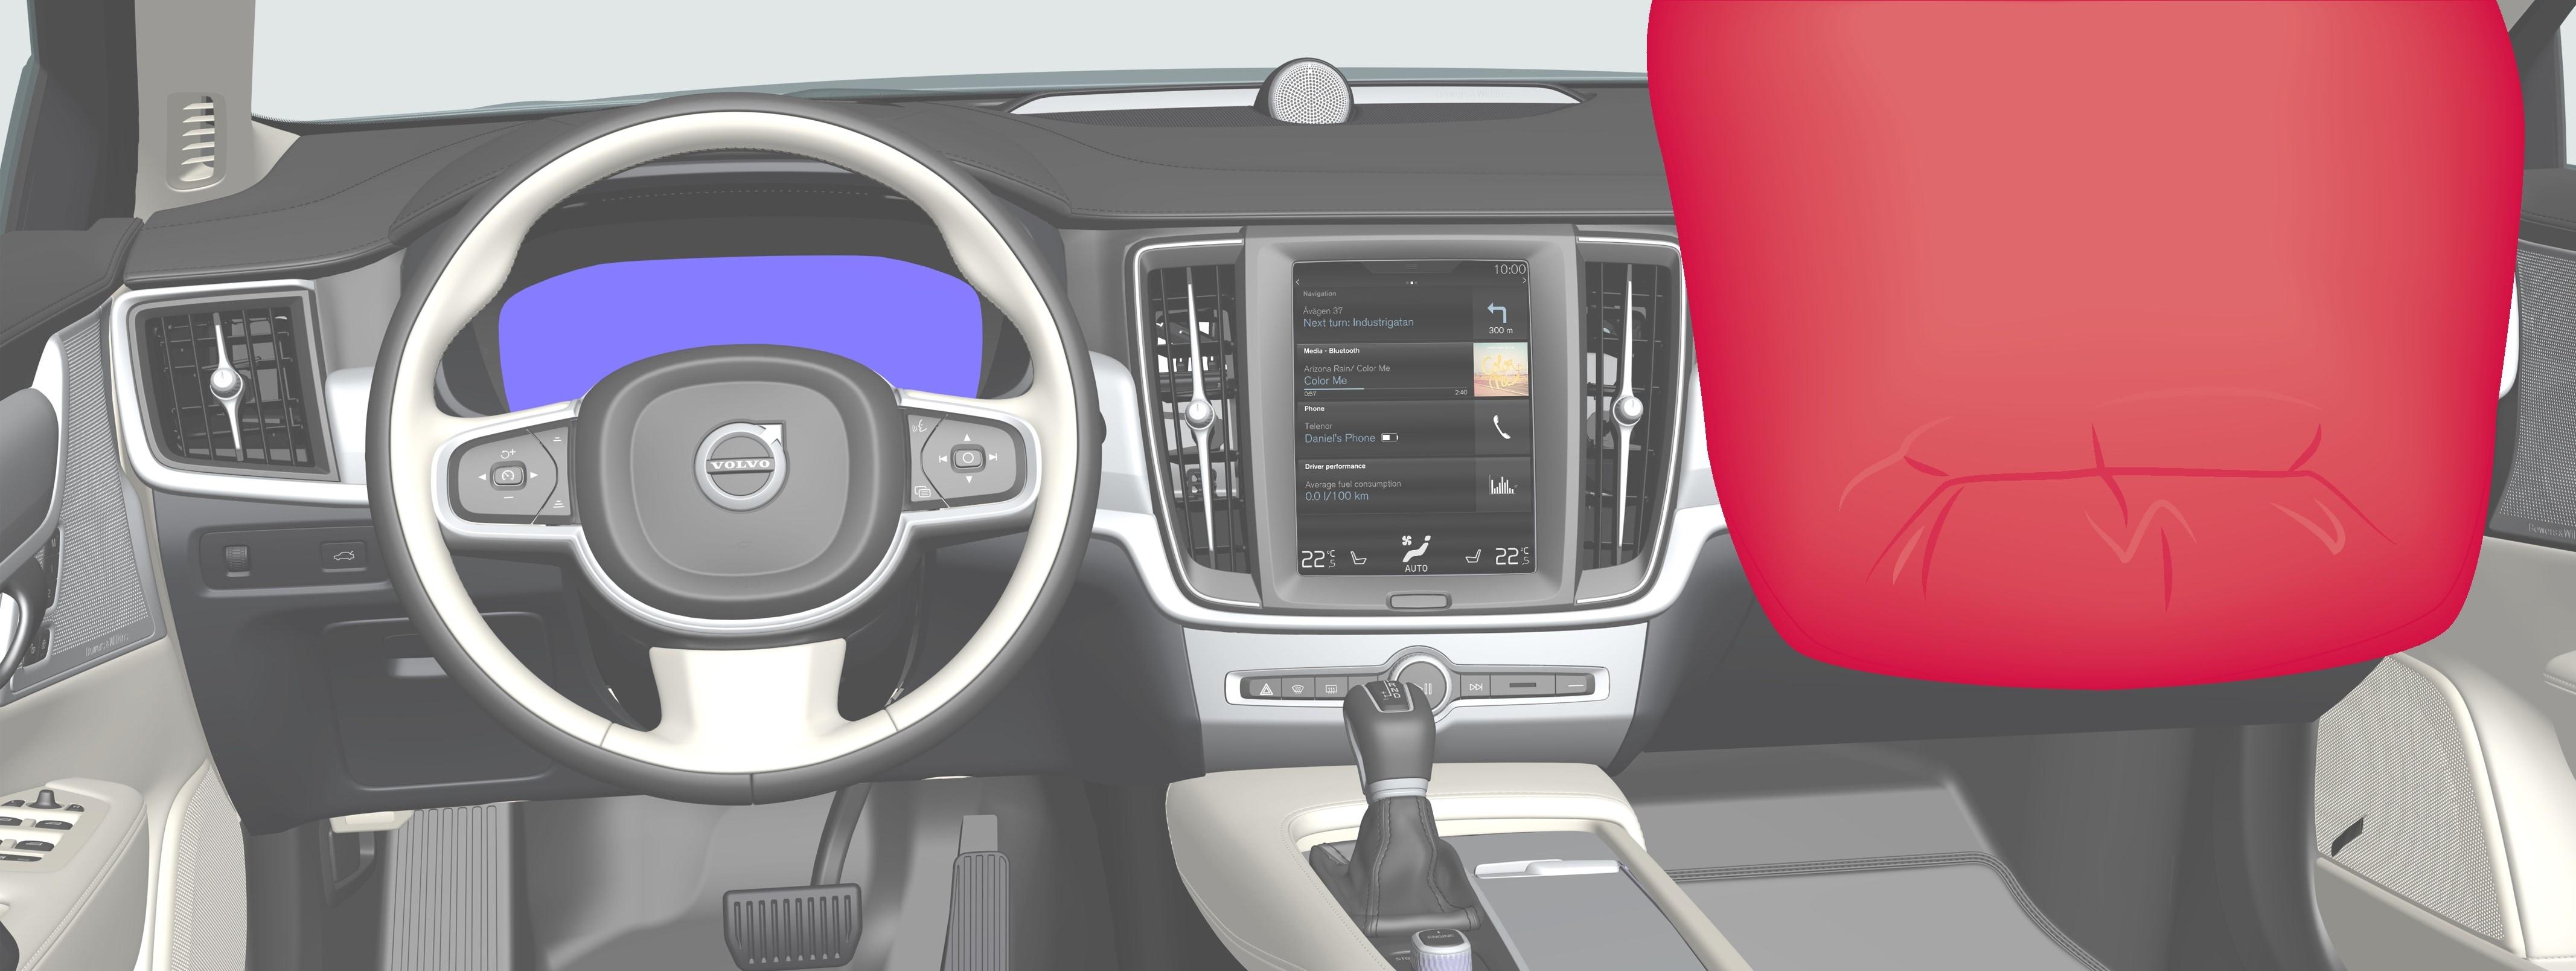 P5-1746-S90/V90–Safety–Passenger airbag